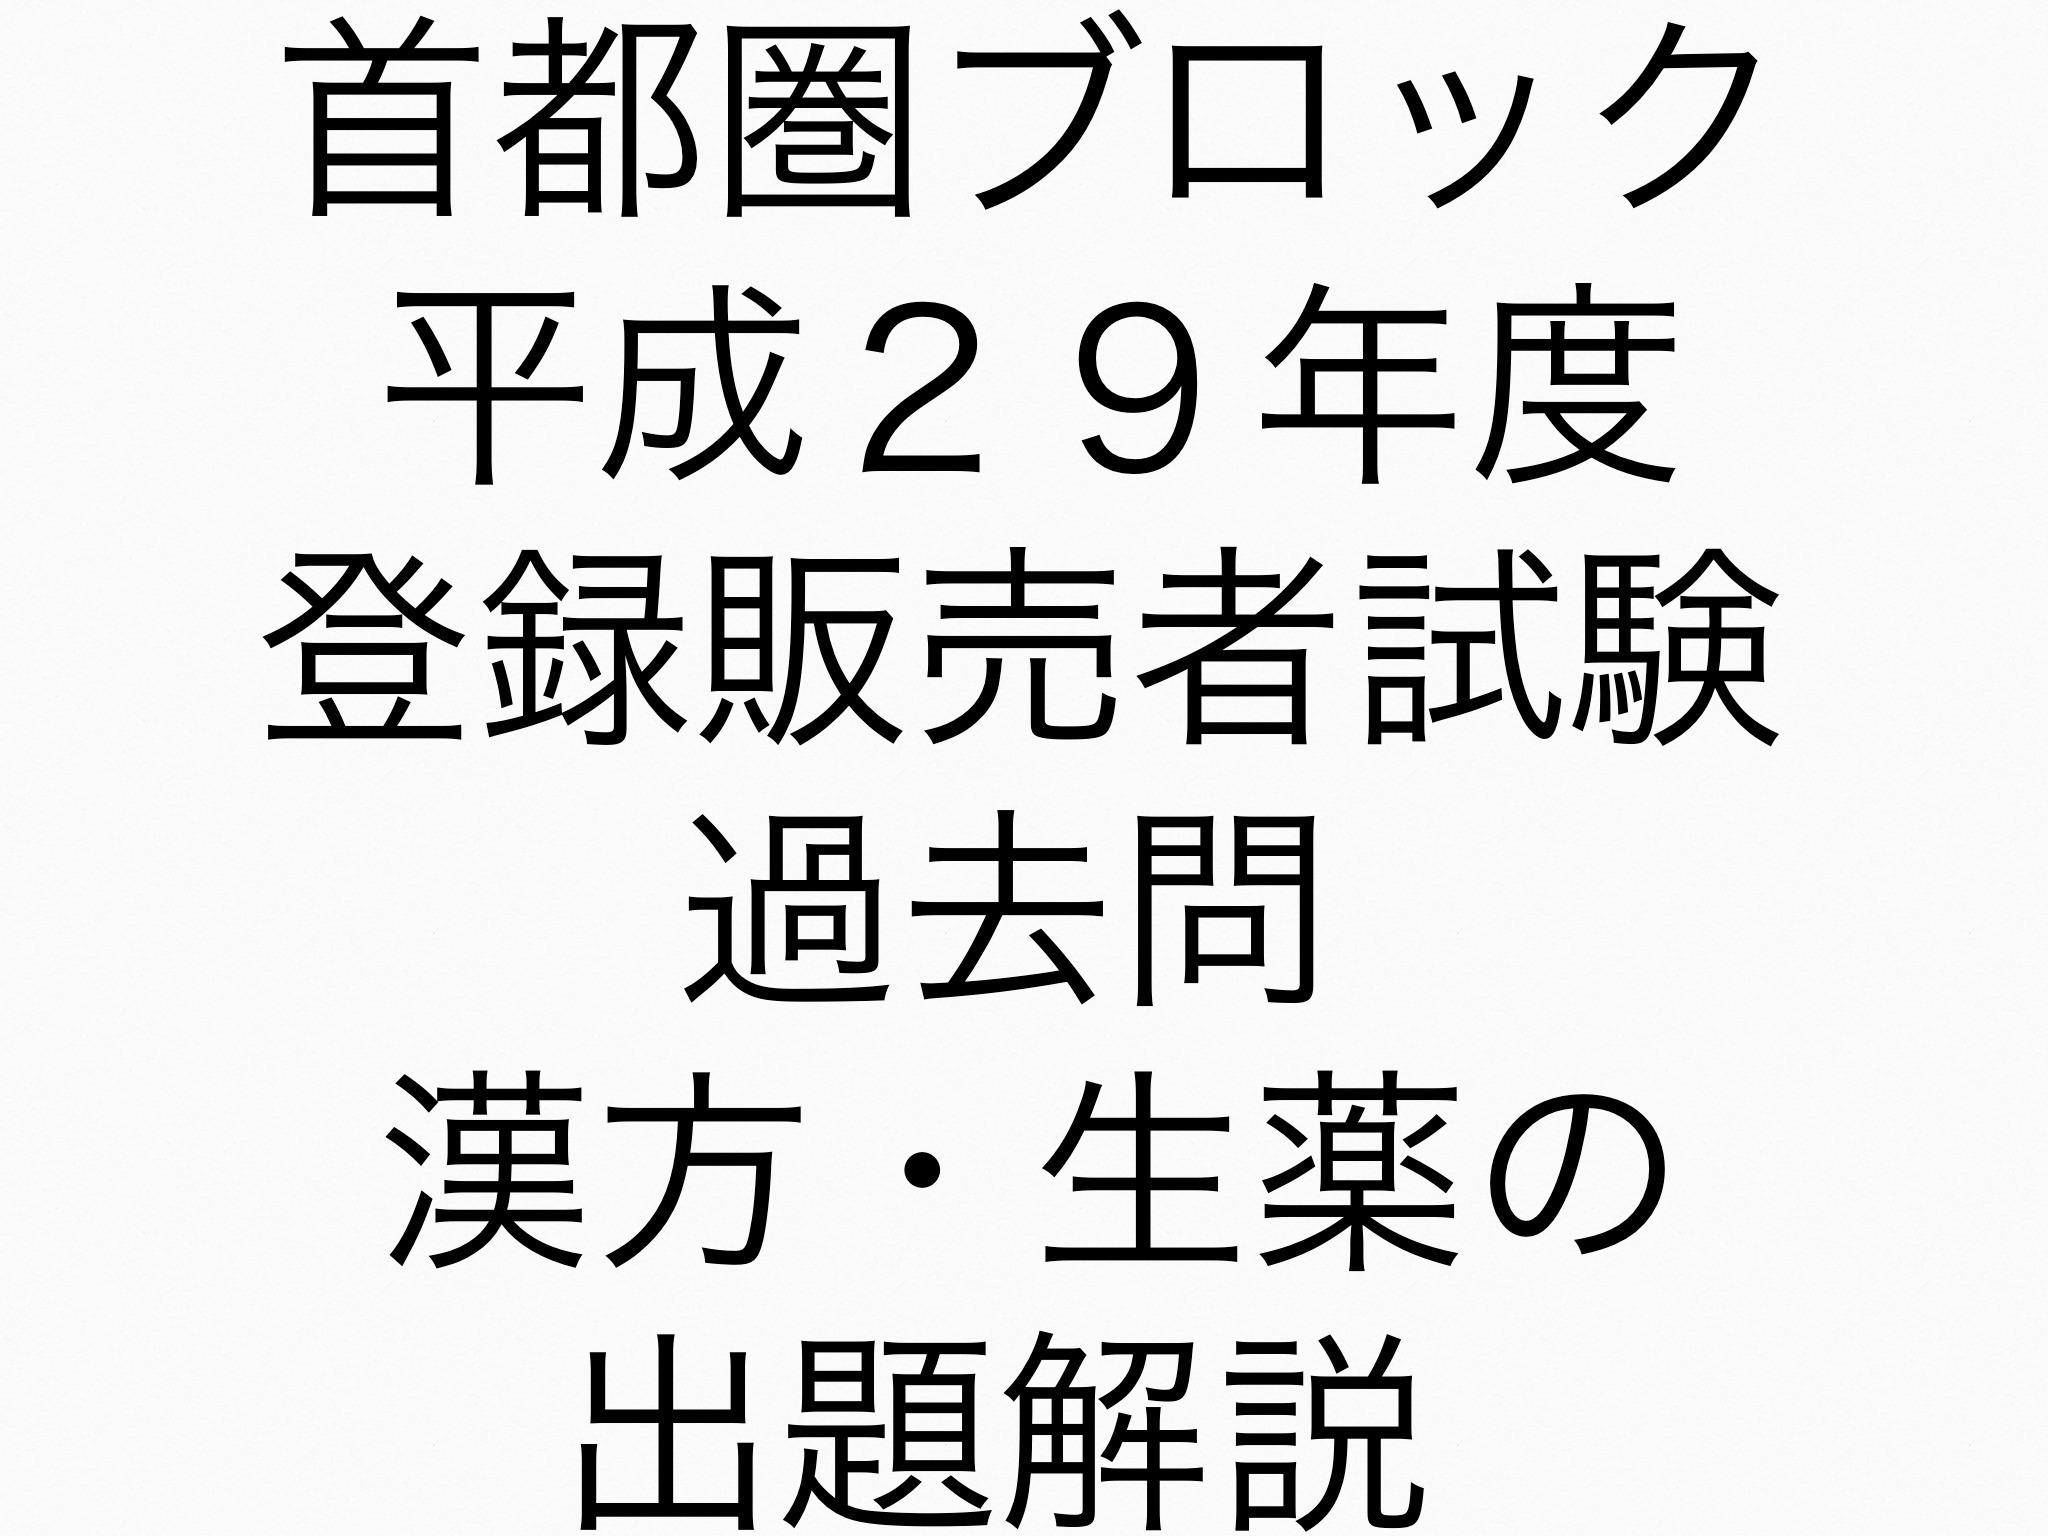 東京H29)登録販売者試験過去問 漢方・生薬の問題解説/出題傾向